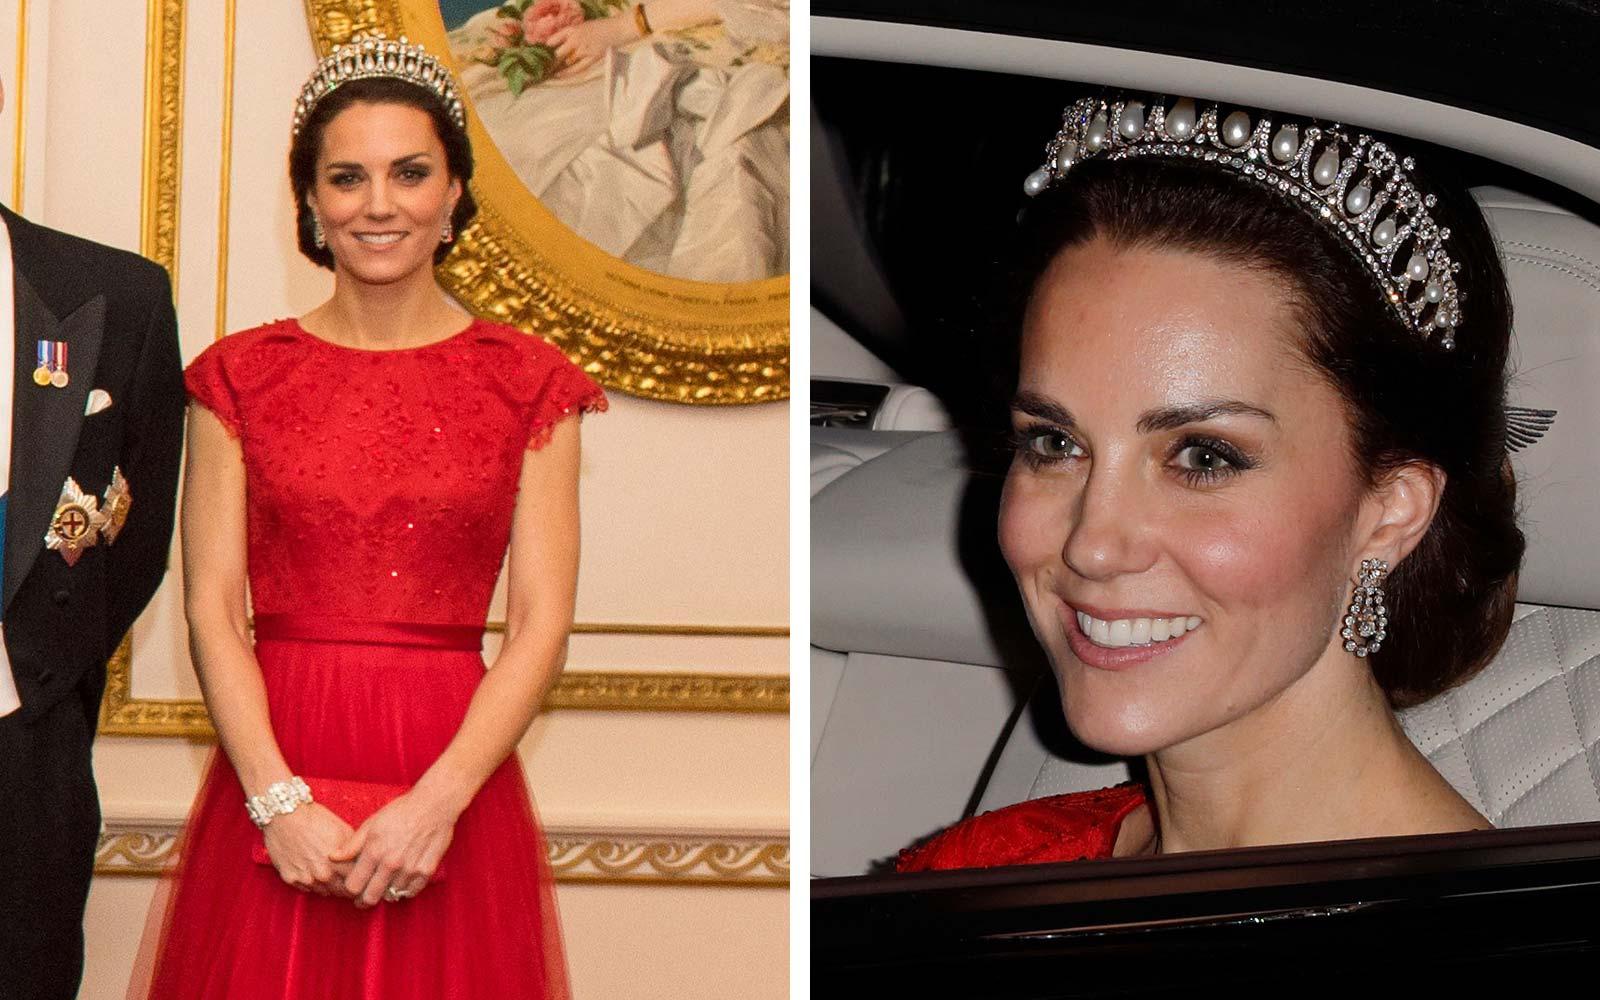 La Duchesse de Cambridge Kate Middleton a porté la tiare à plusieurs reprises